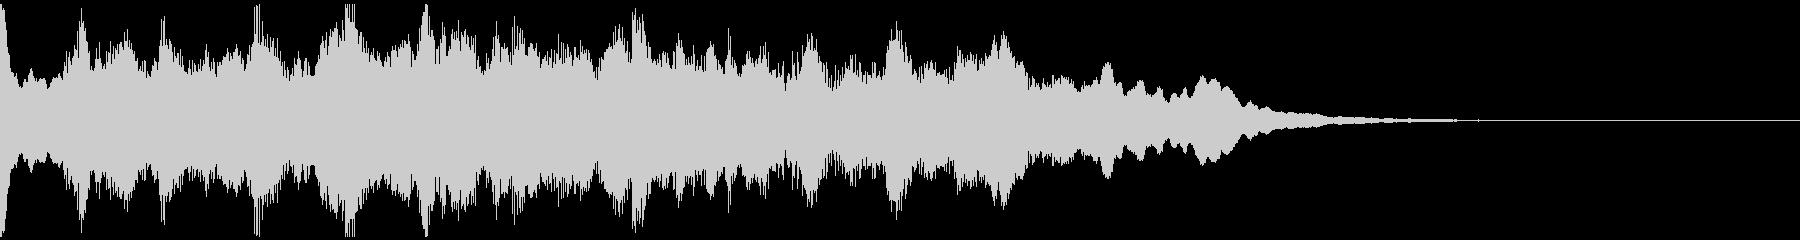 サウンドロゴ、5秒CM、場面転換verDの未再生の波形